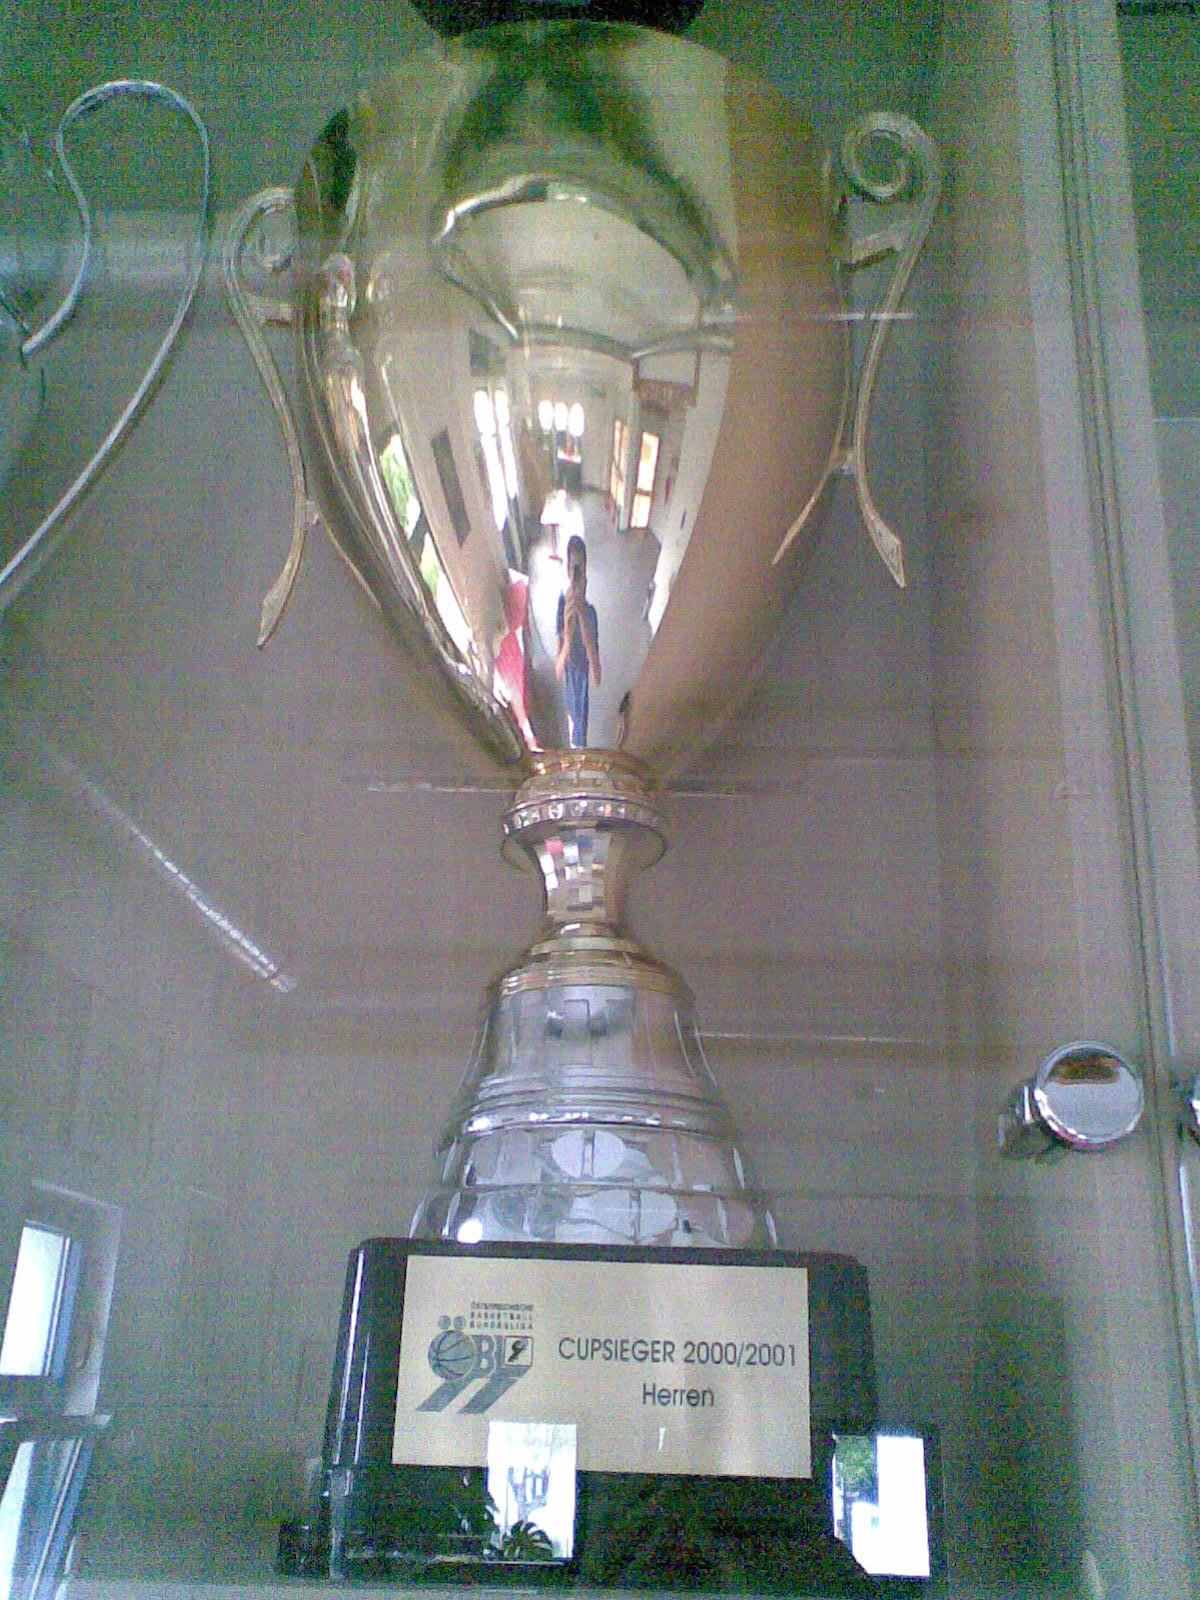 Österreichischer Cup (Basketball) – Wikipedia